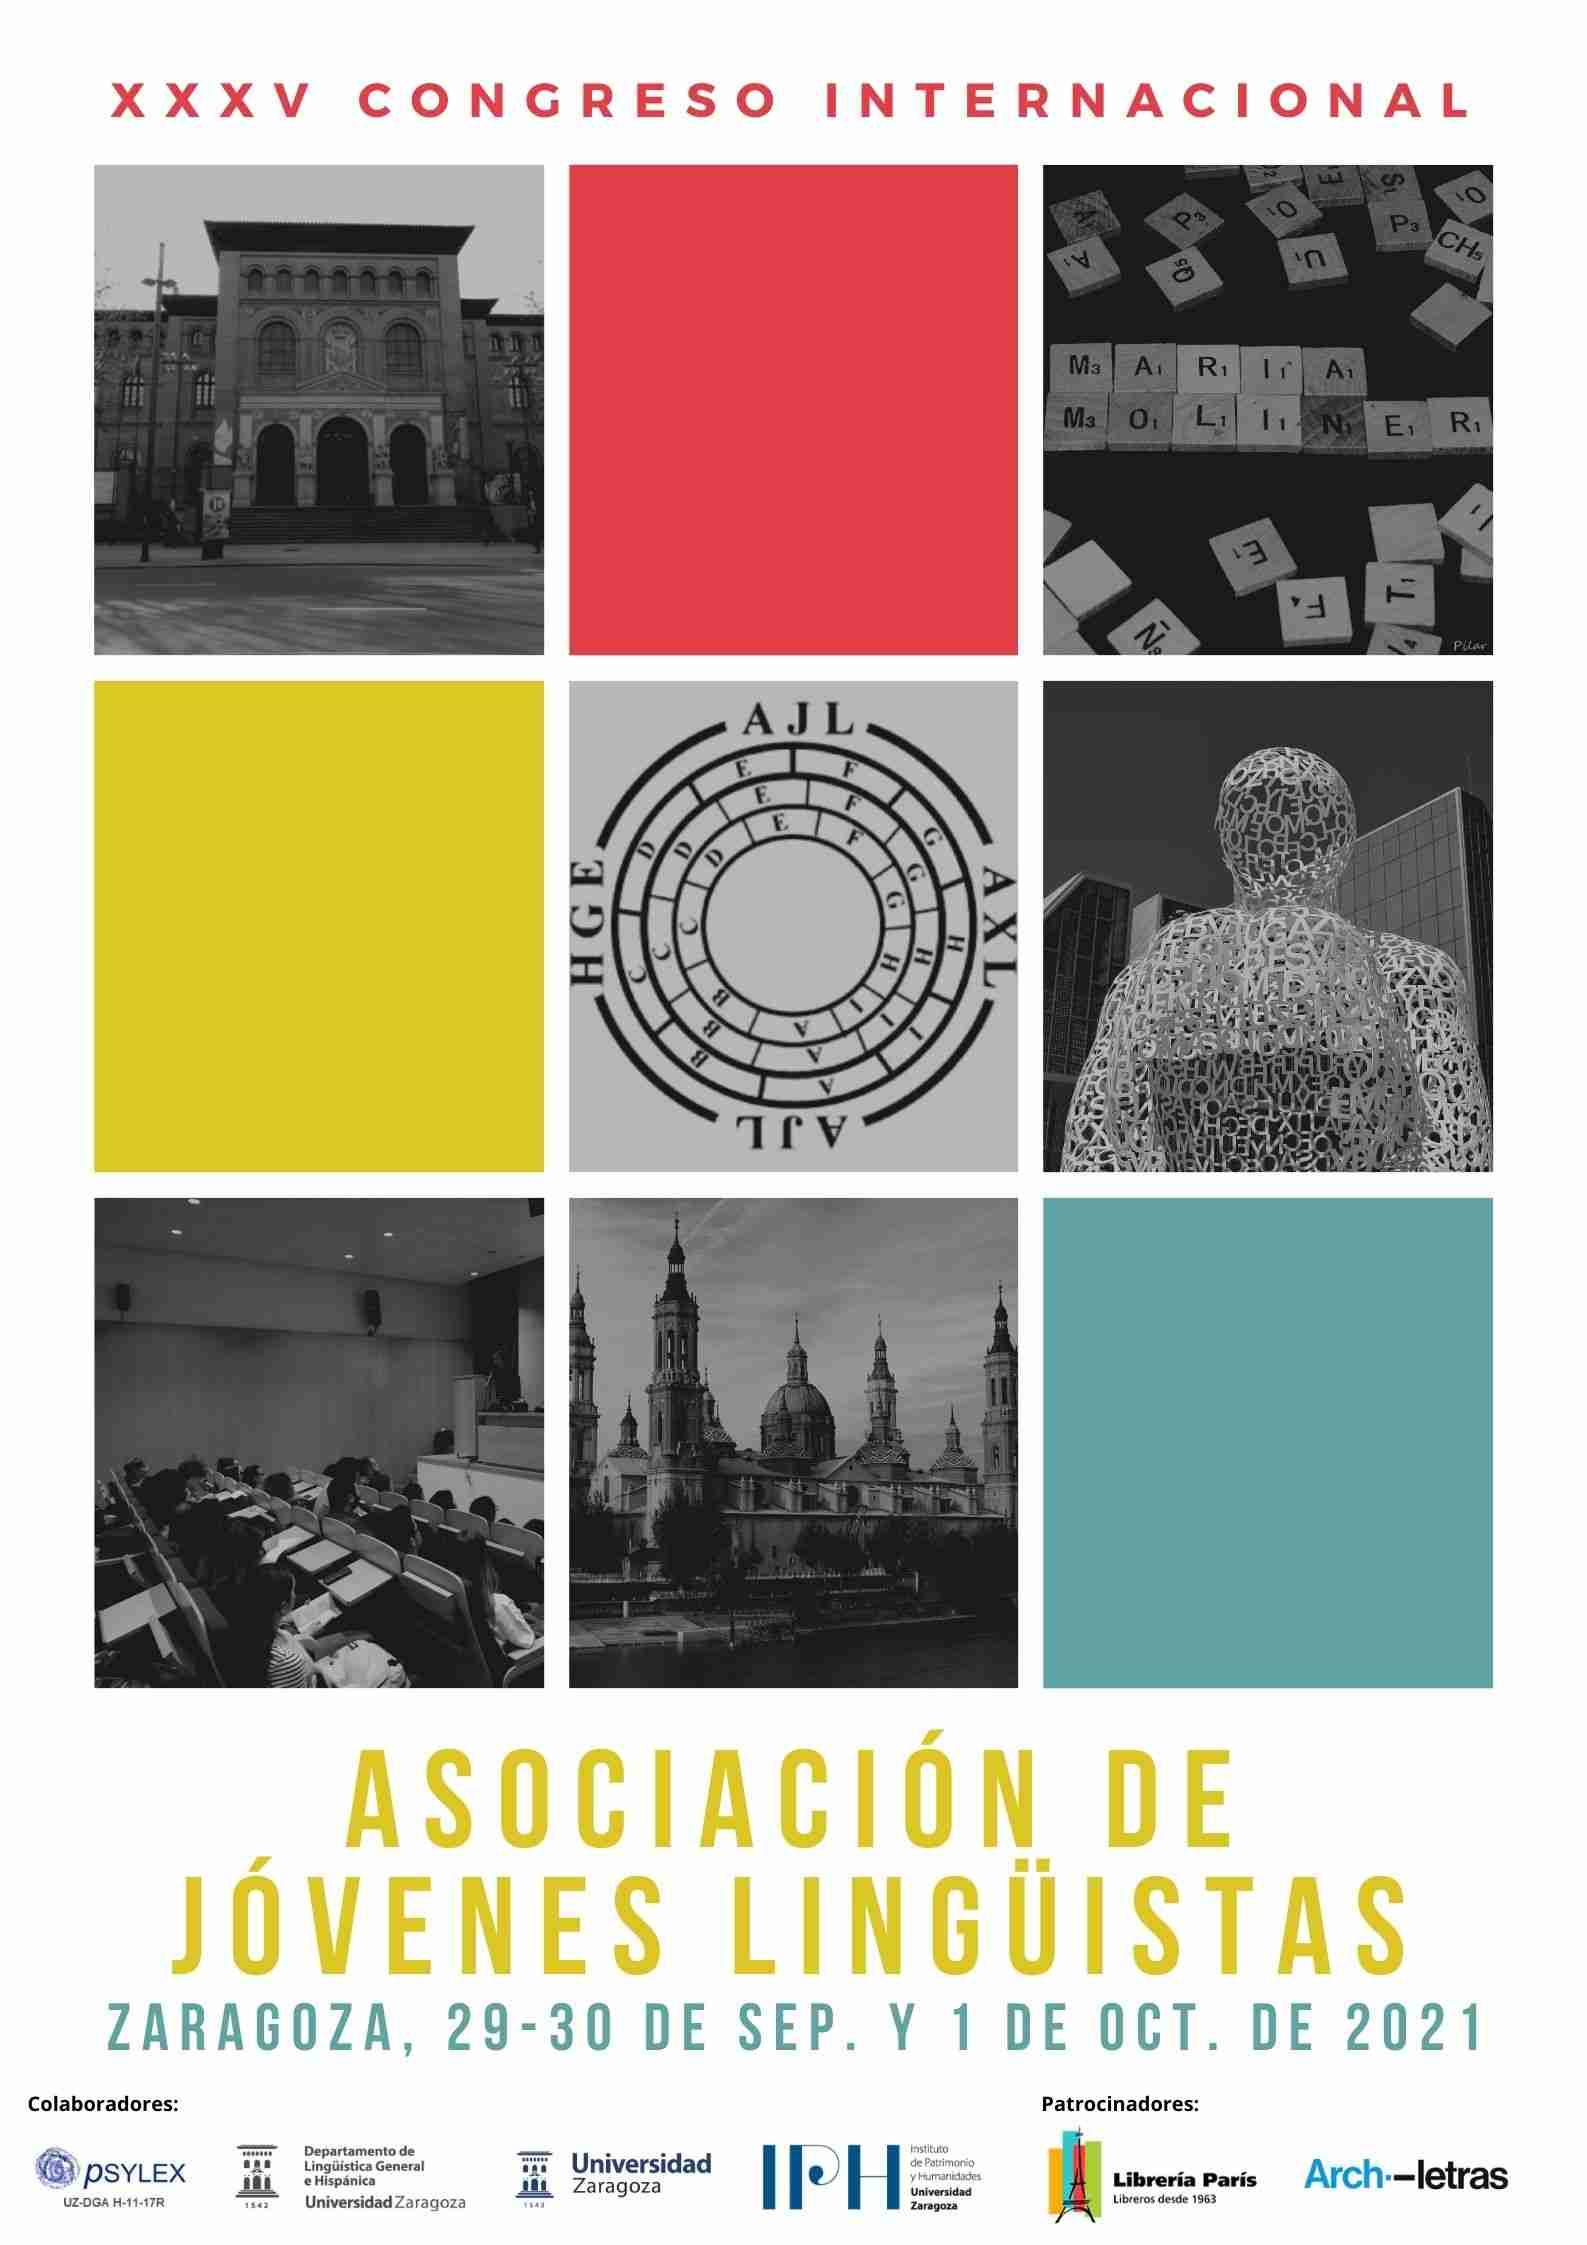 Cartel-XXXV Congreso Internacional de la Asociación de Jóvenes Lingüistas